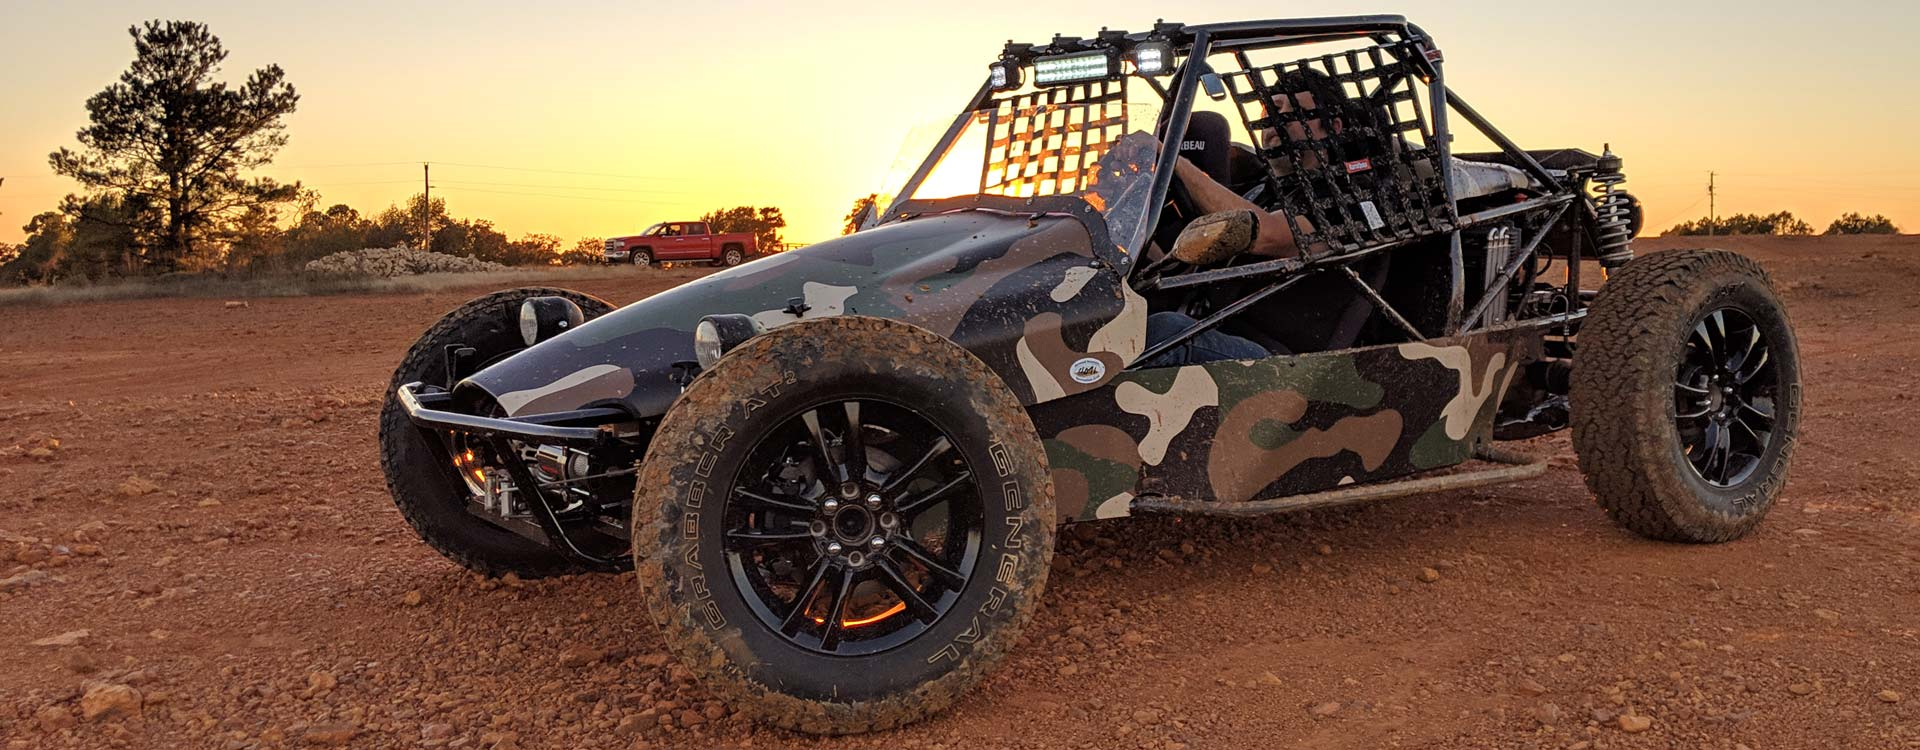 Df Kit Car >> Goblin A T The Goblin For Every Terrain